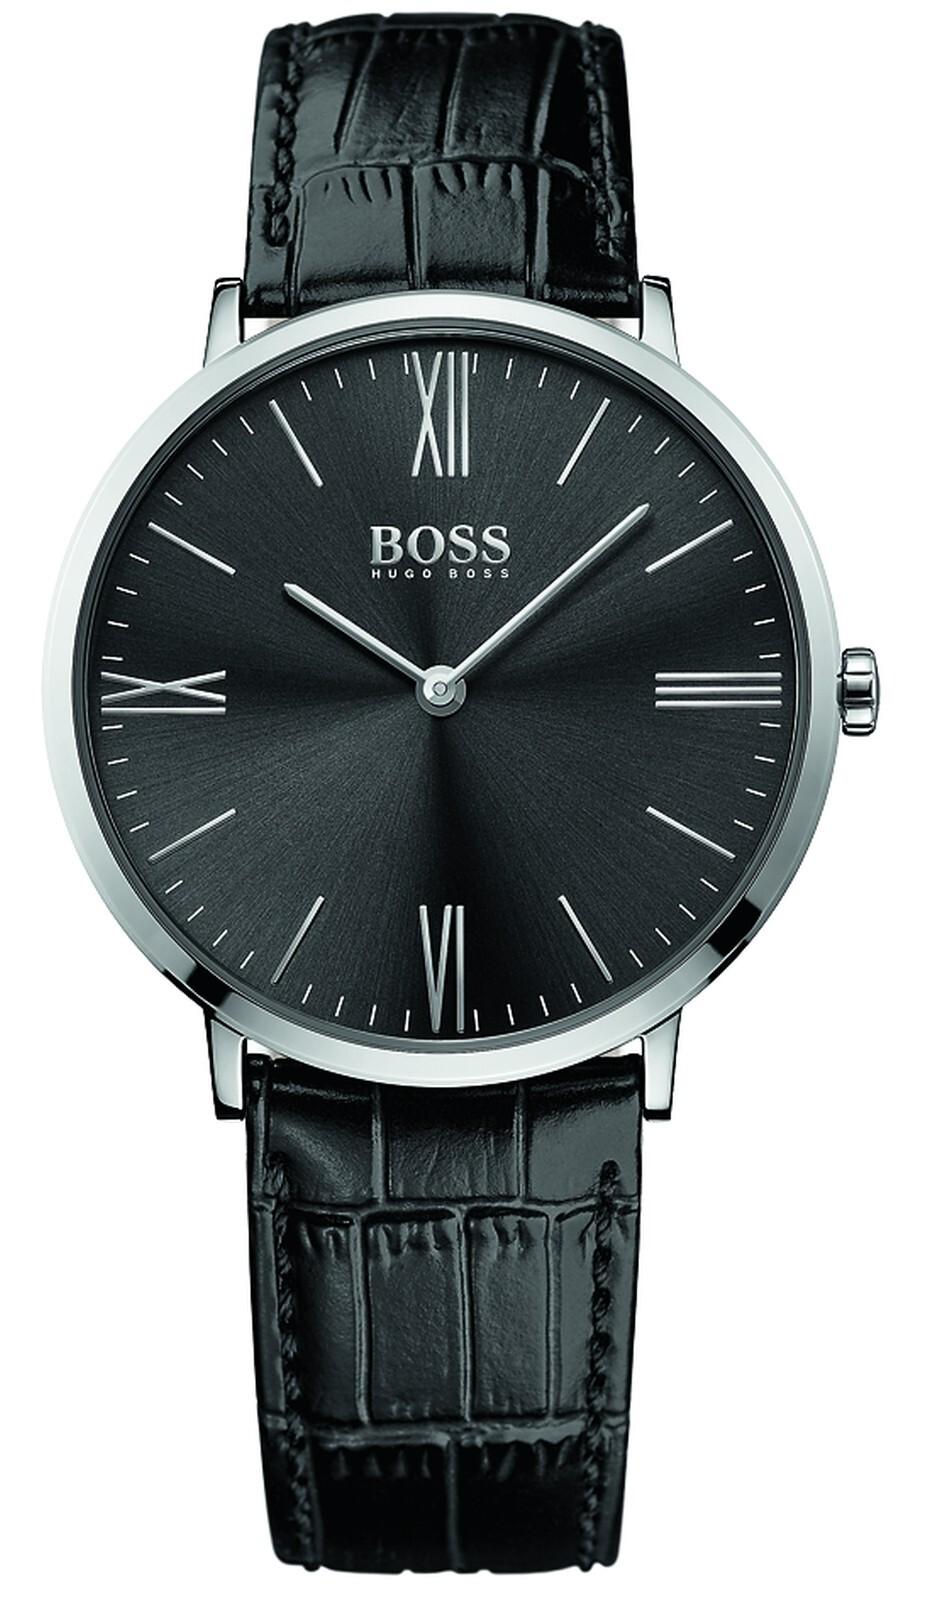 Hugo Boss Jackson Herreklokke 1513369 Sort/Lær Ø40 mm - Hugo Boss